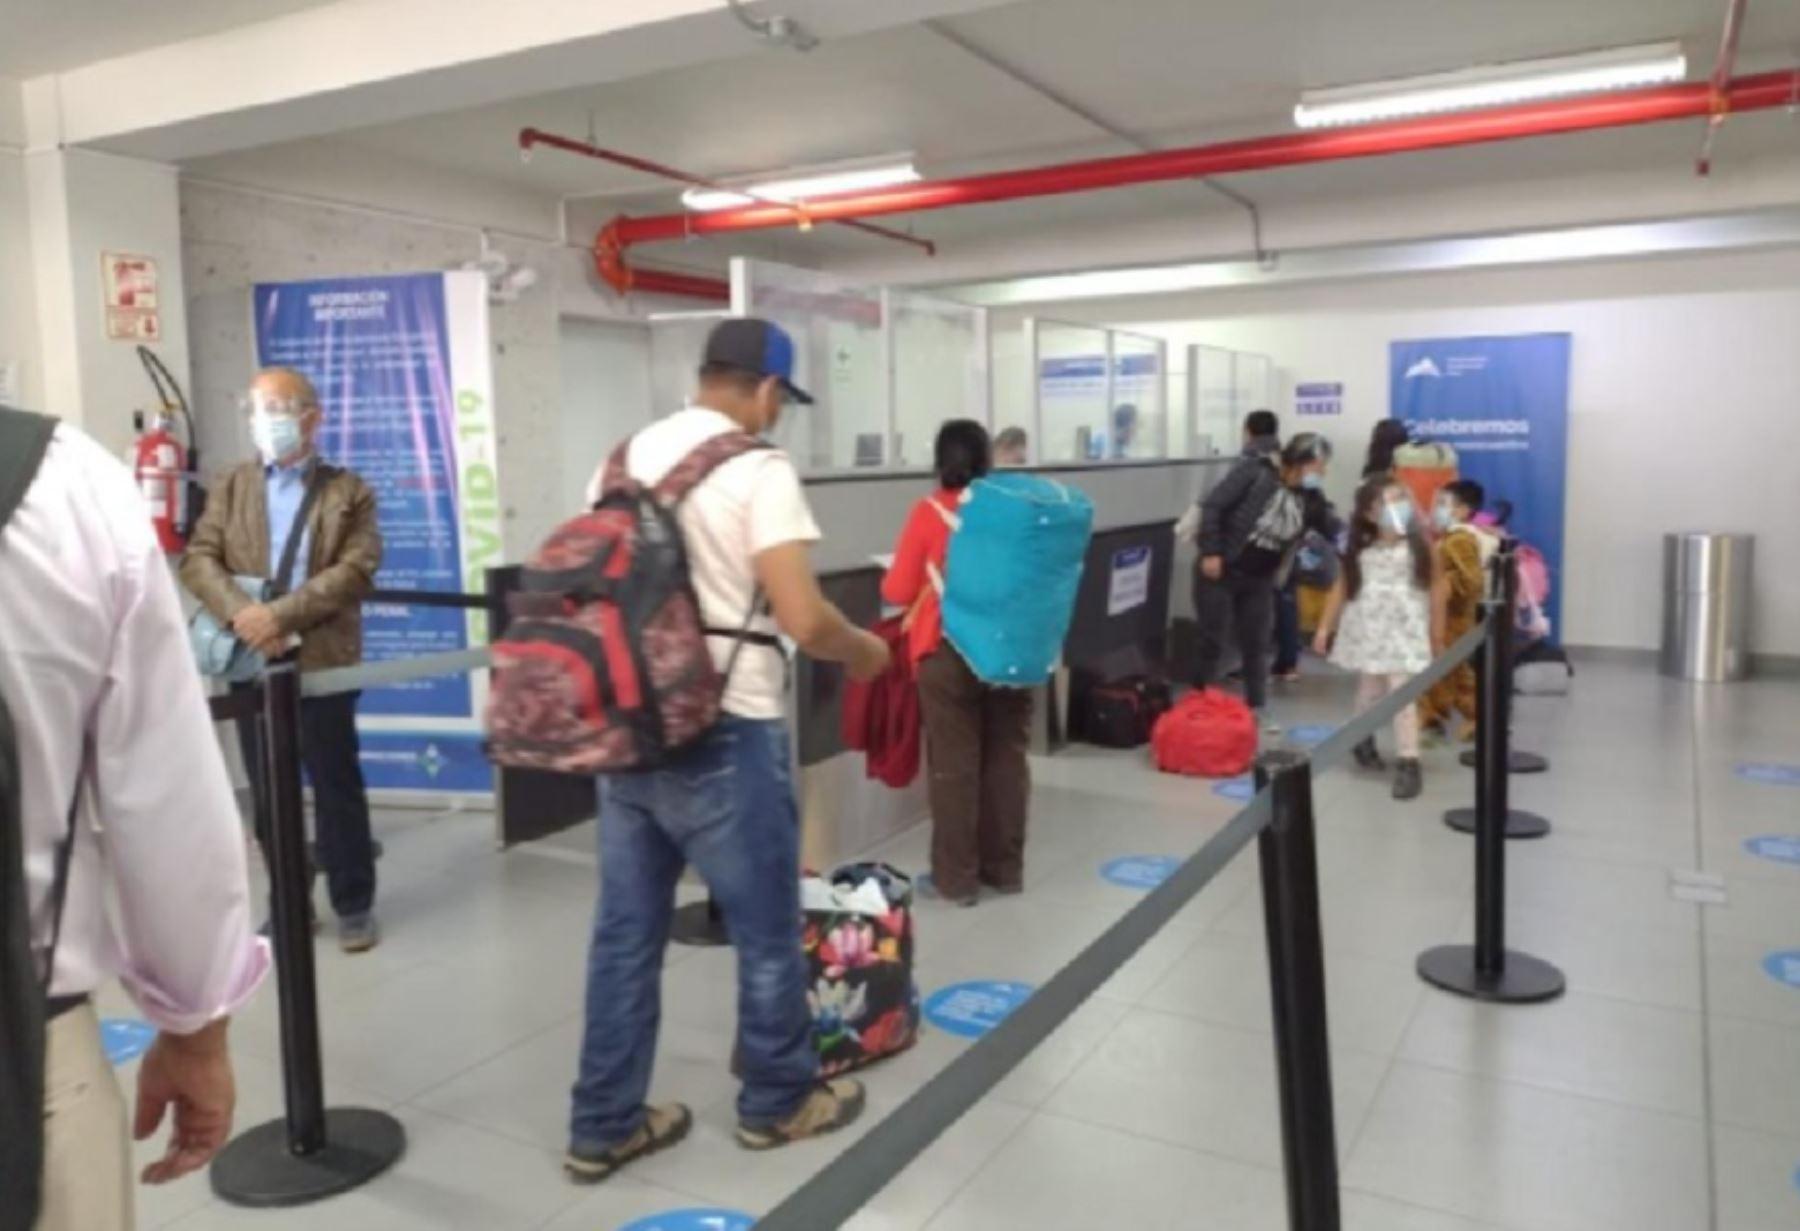 Los 149 pasajeros que arribaron hoy en el primer vuelo internacional al aeropuerto Alfredo Rodríguez Ballón, de Arequipa, pasaron por un control sanitario para verificar si cumplieron con los protocolos de bioseguridad para viajar vía aérea, a fin de prevenir la propagación de la nueva cepa del covid-19.